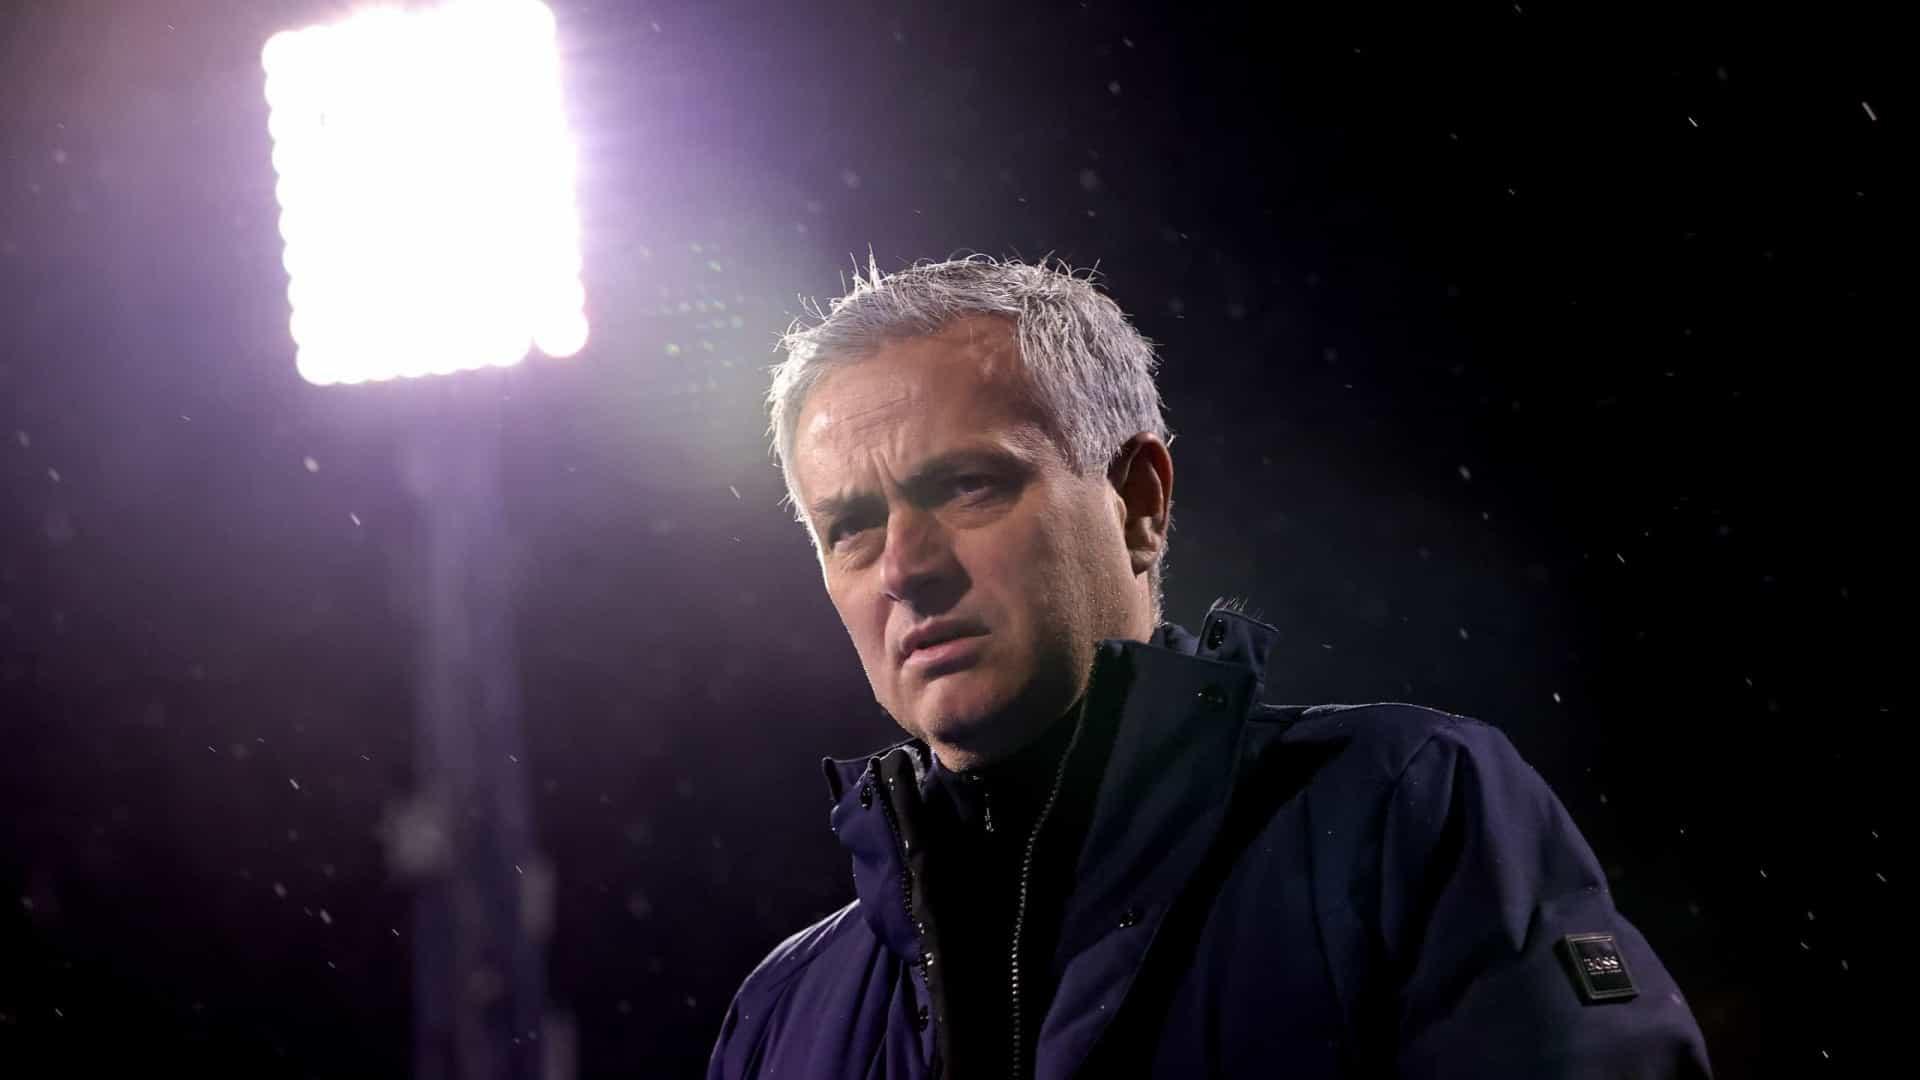 Mourinho despedido a menos de uma semana de disputar final da Taça da Liga